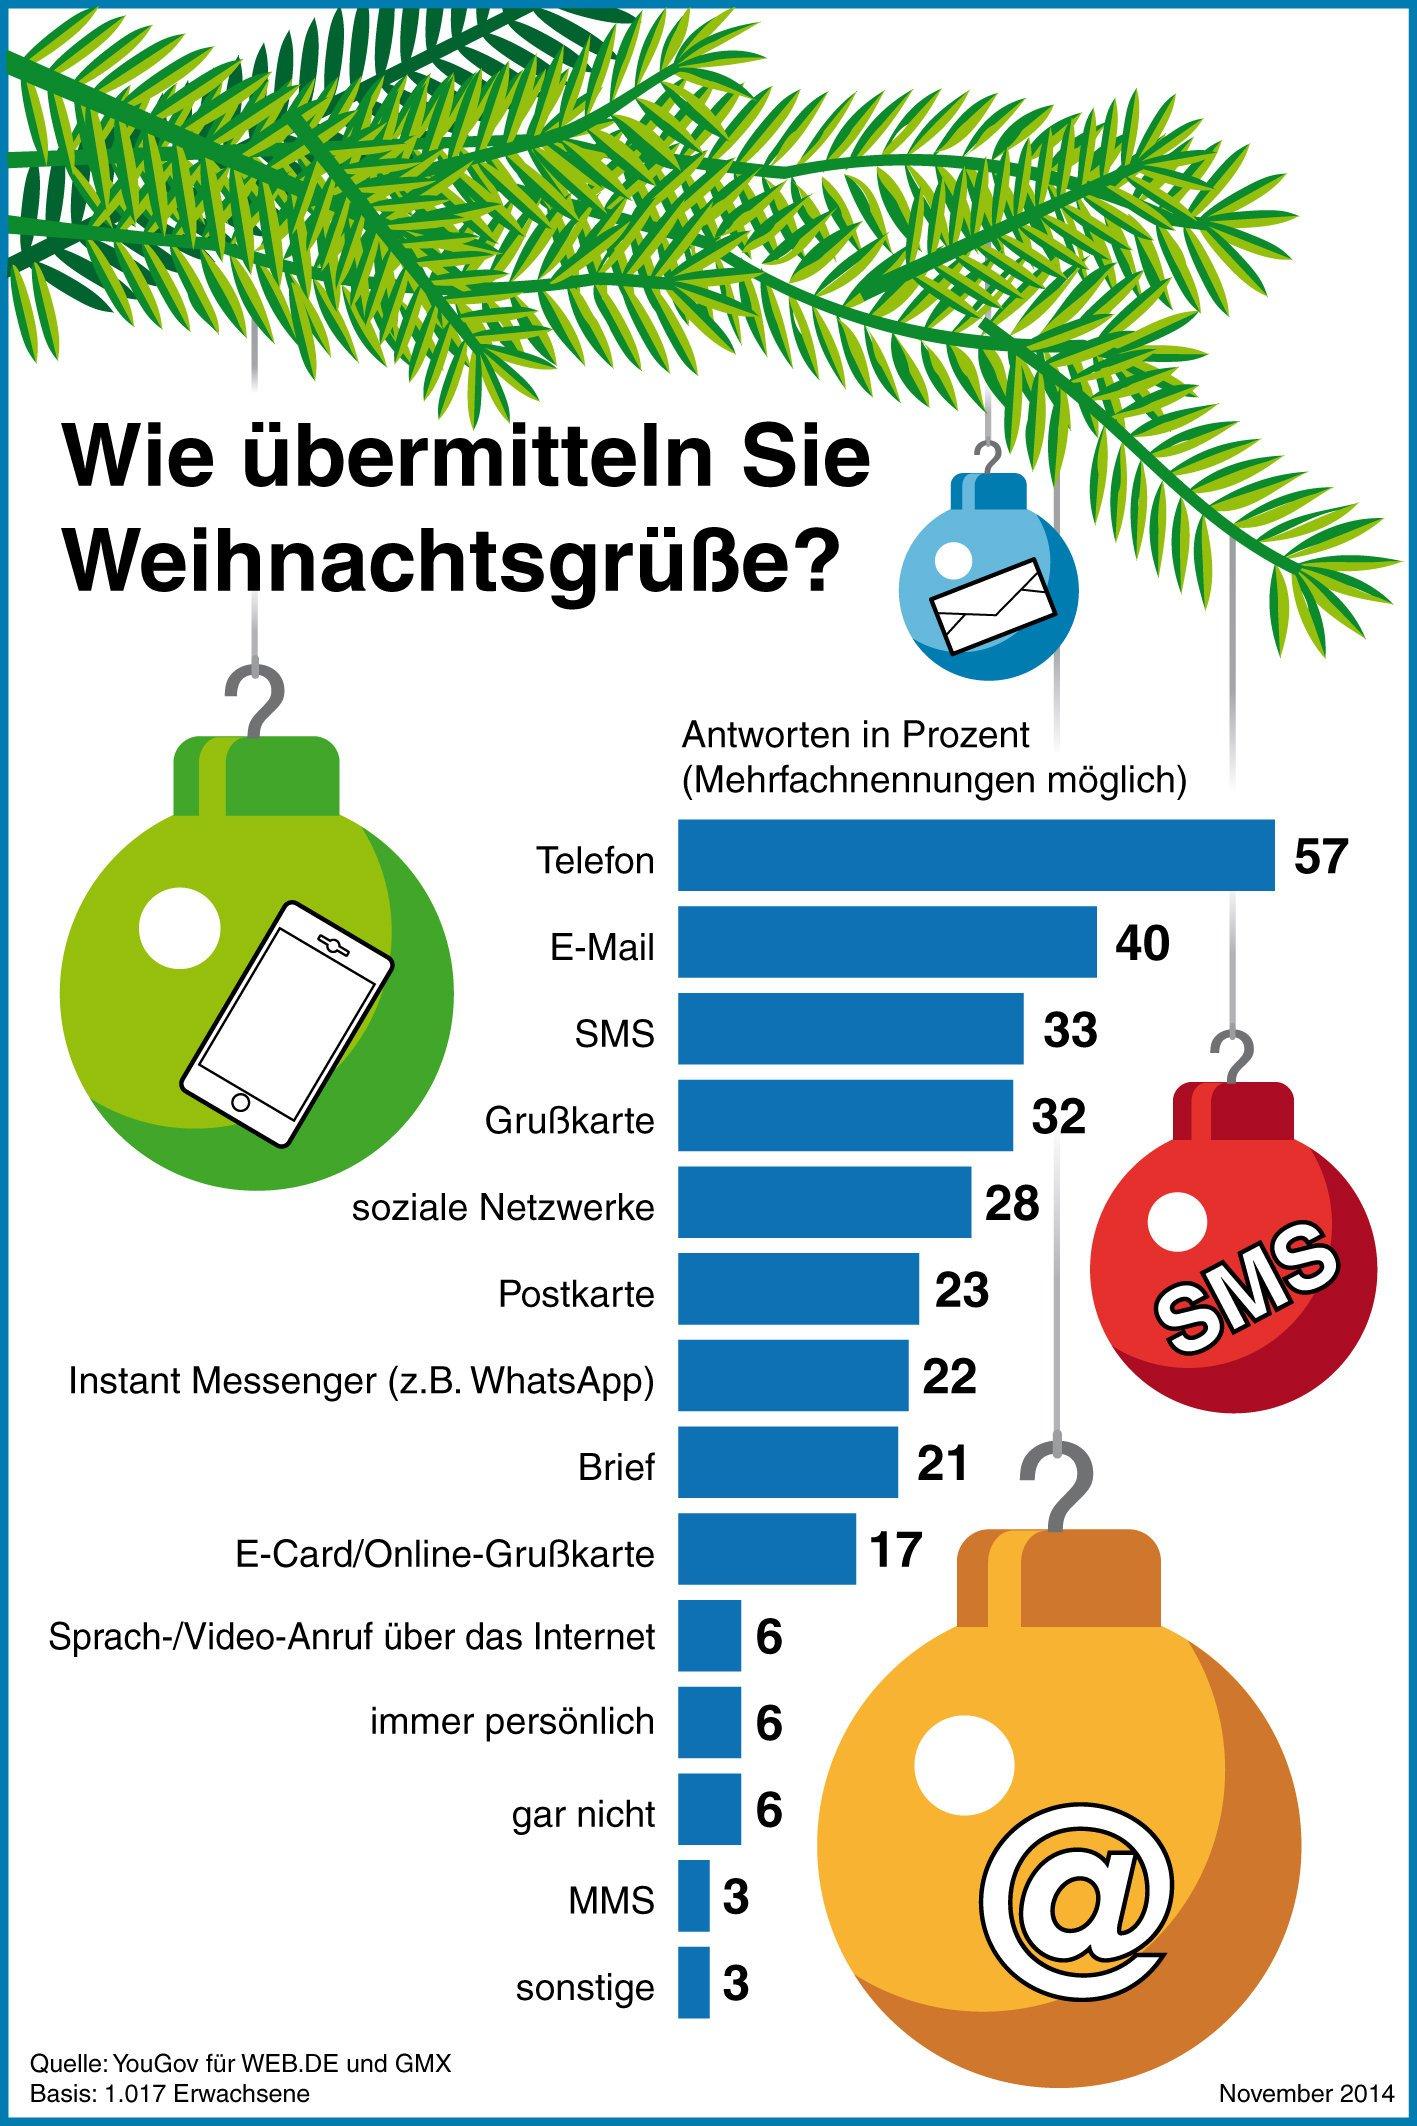 Nach einer aktuellen Studie für WEB.DE und GMX werden Weihnachtsgrüße heutzutage überwiegend elektronisch übermittelt.